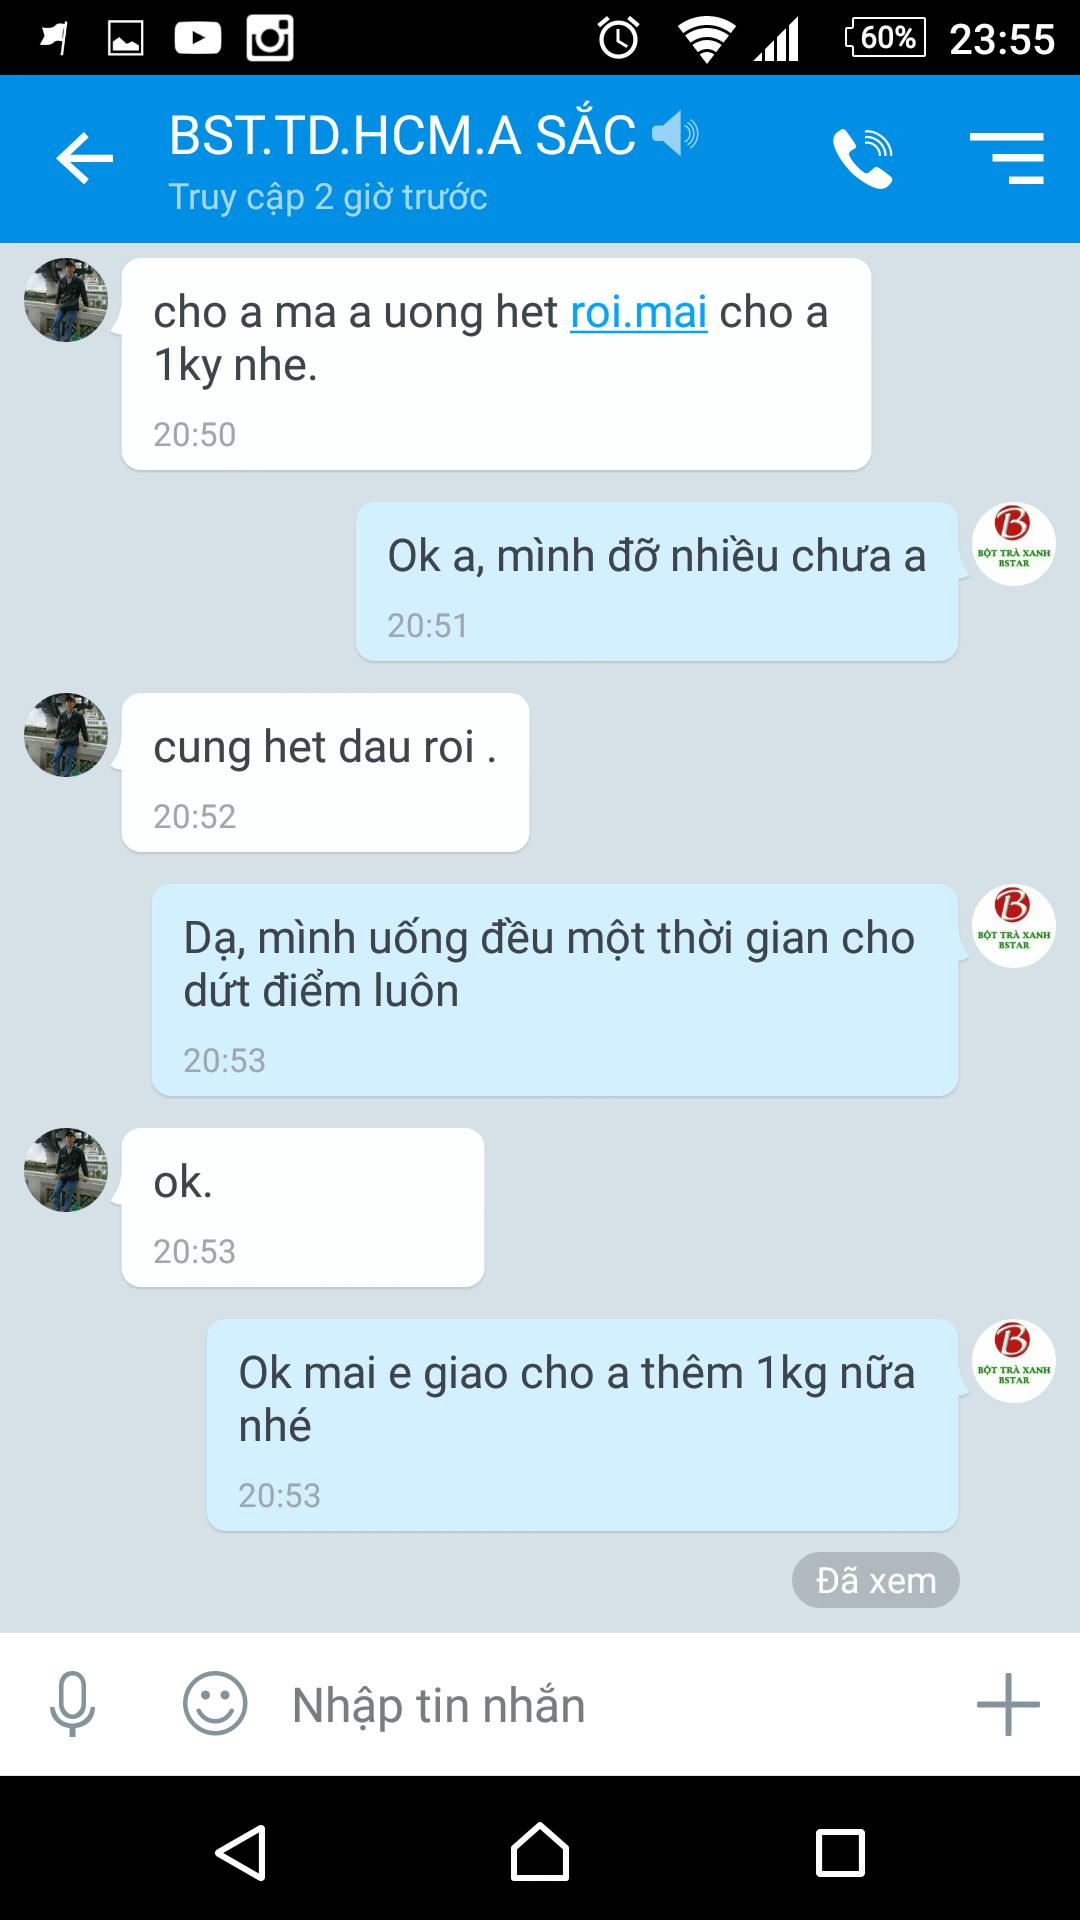 Anh Sac